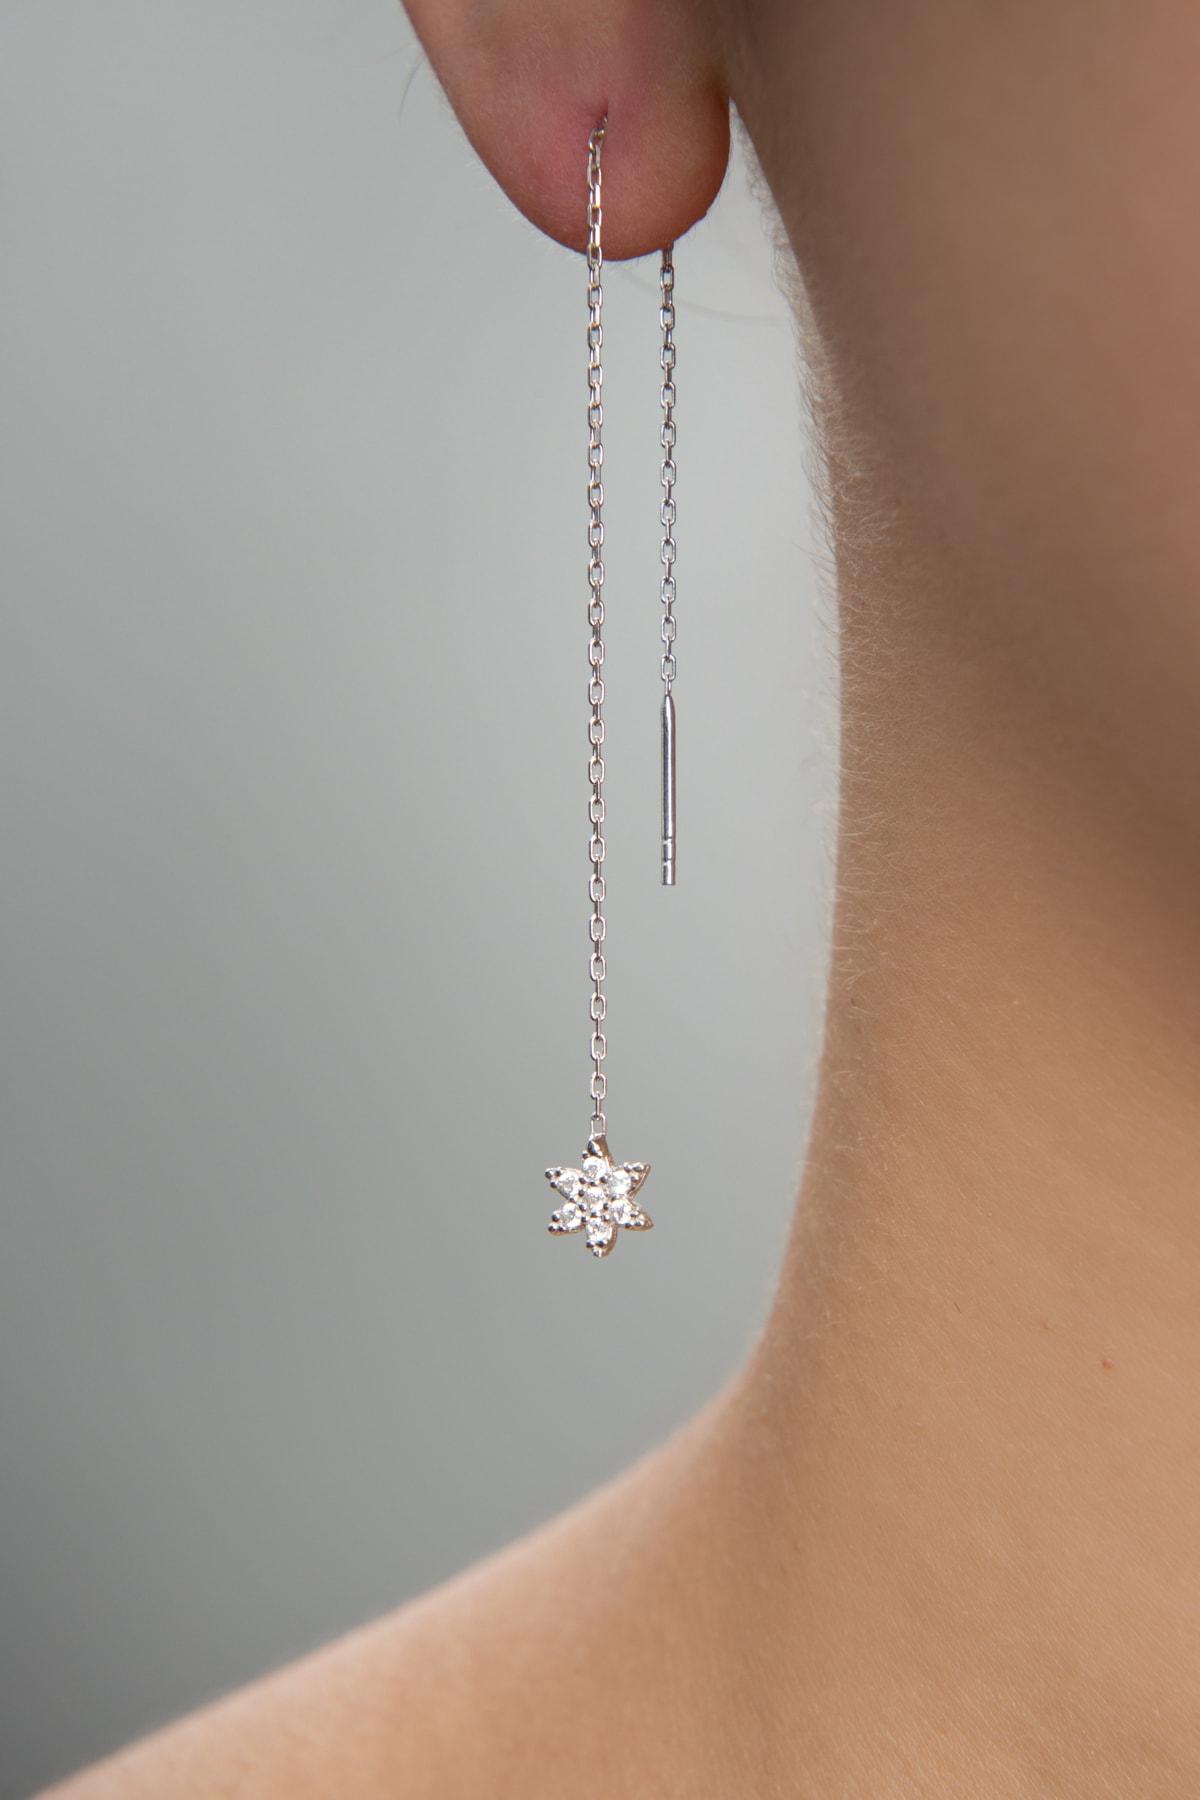 Elika Silver Kadın Taşlı Yıldız Model Sallantılı 925 Ayar Gümüş Küpe